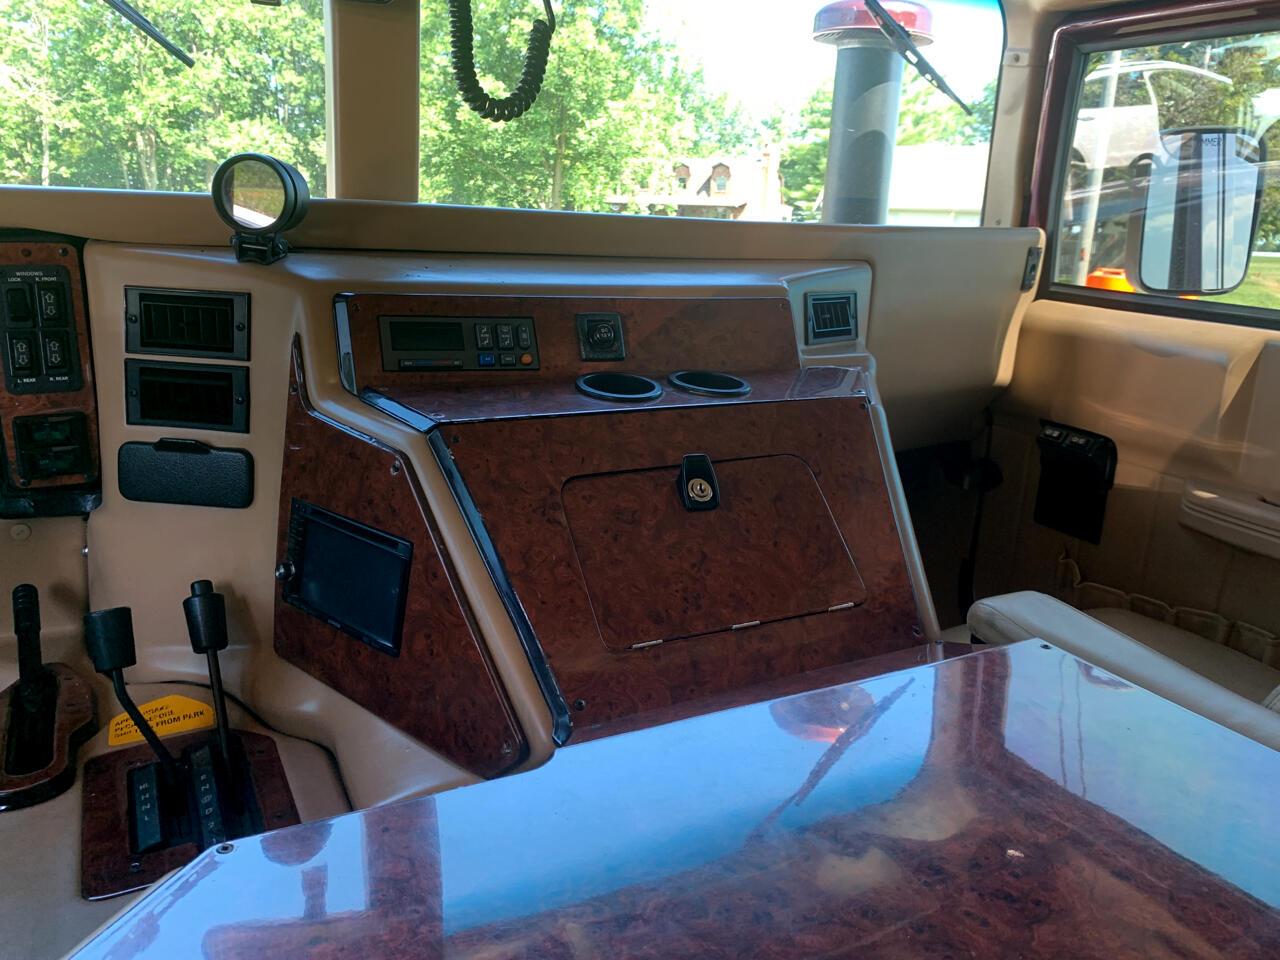 1995 AM General Hummer Hard Top 4-Door